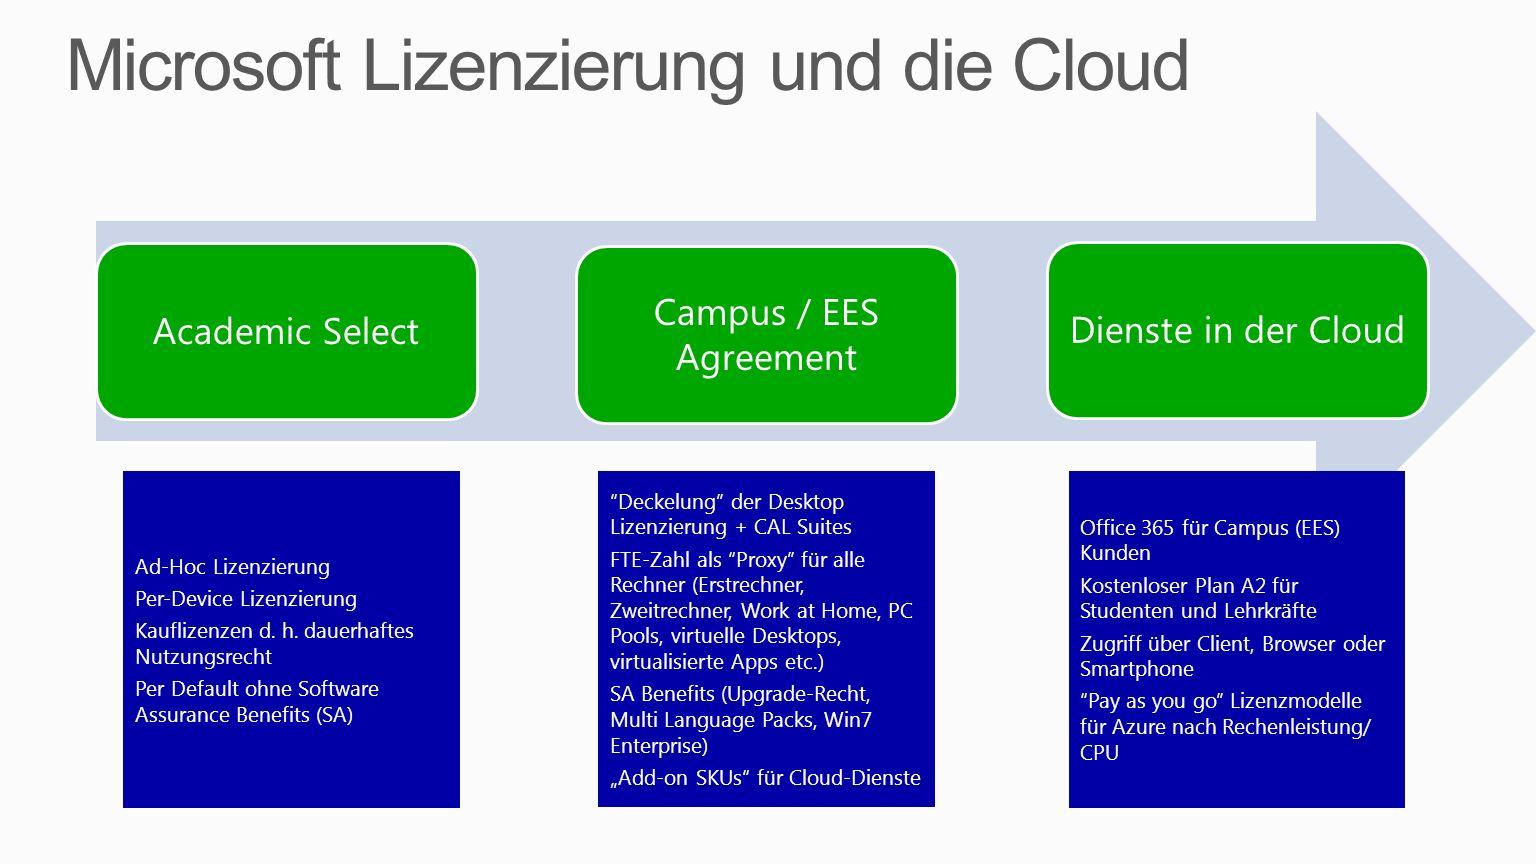 Microsoft Lizenzierung und die Cloud